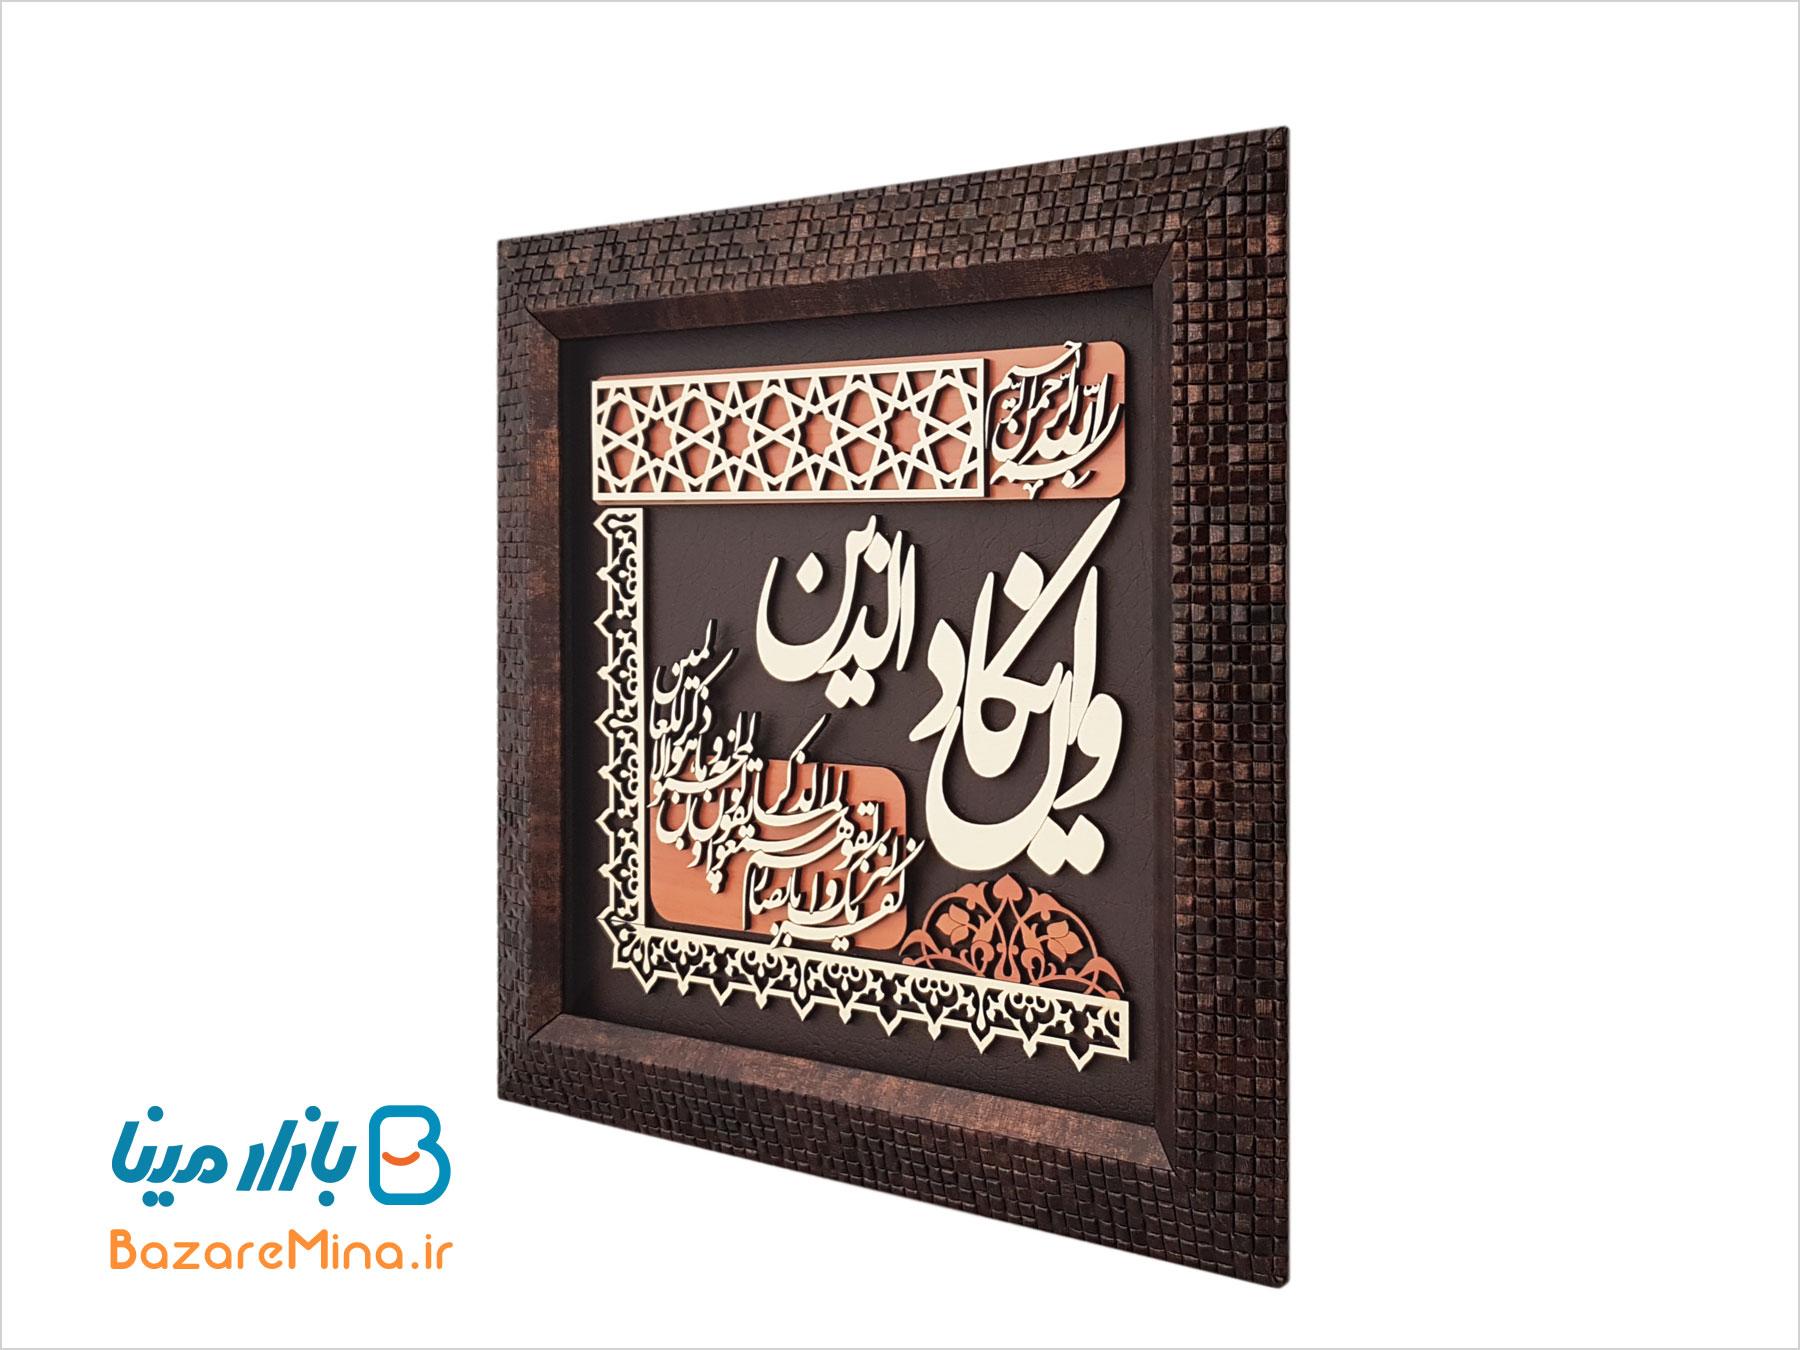 قاب وان یکاد اصفهان